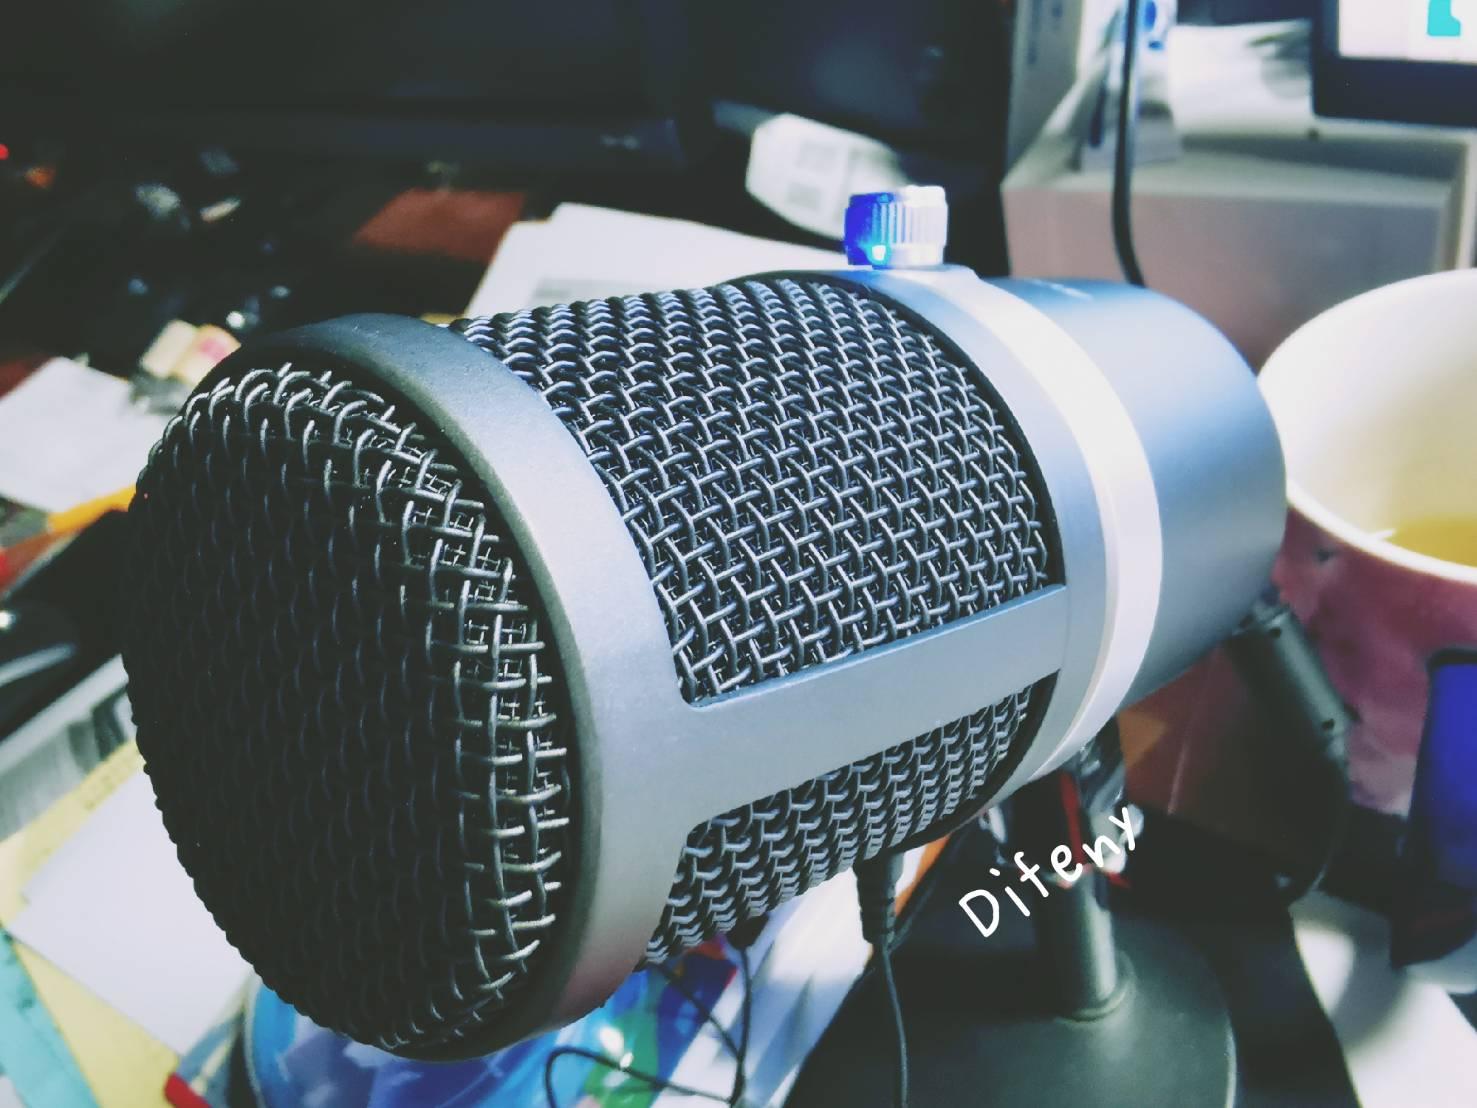 即時熱門文章:Podcast學習紀錄|為什麼要錄podcast?這個到底在紅什麼?